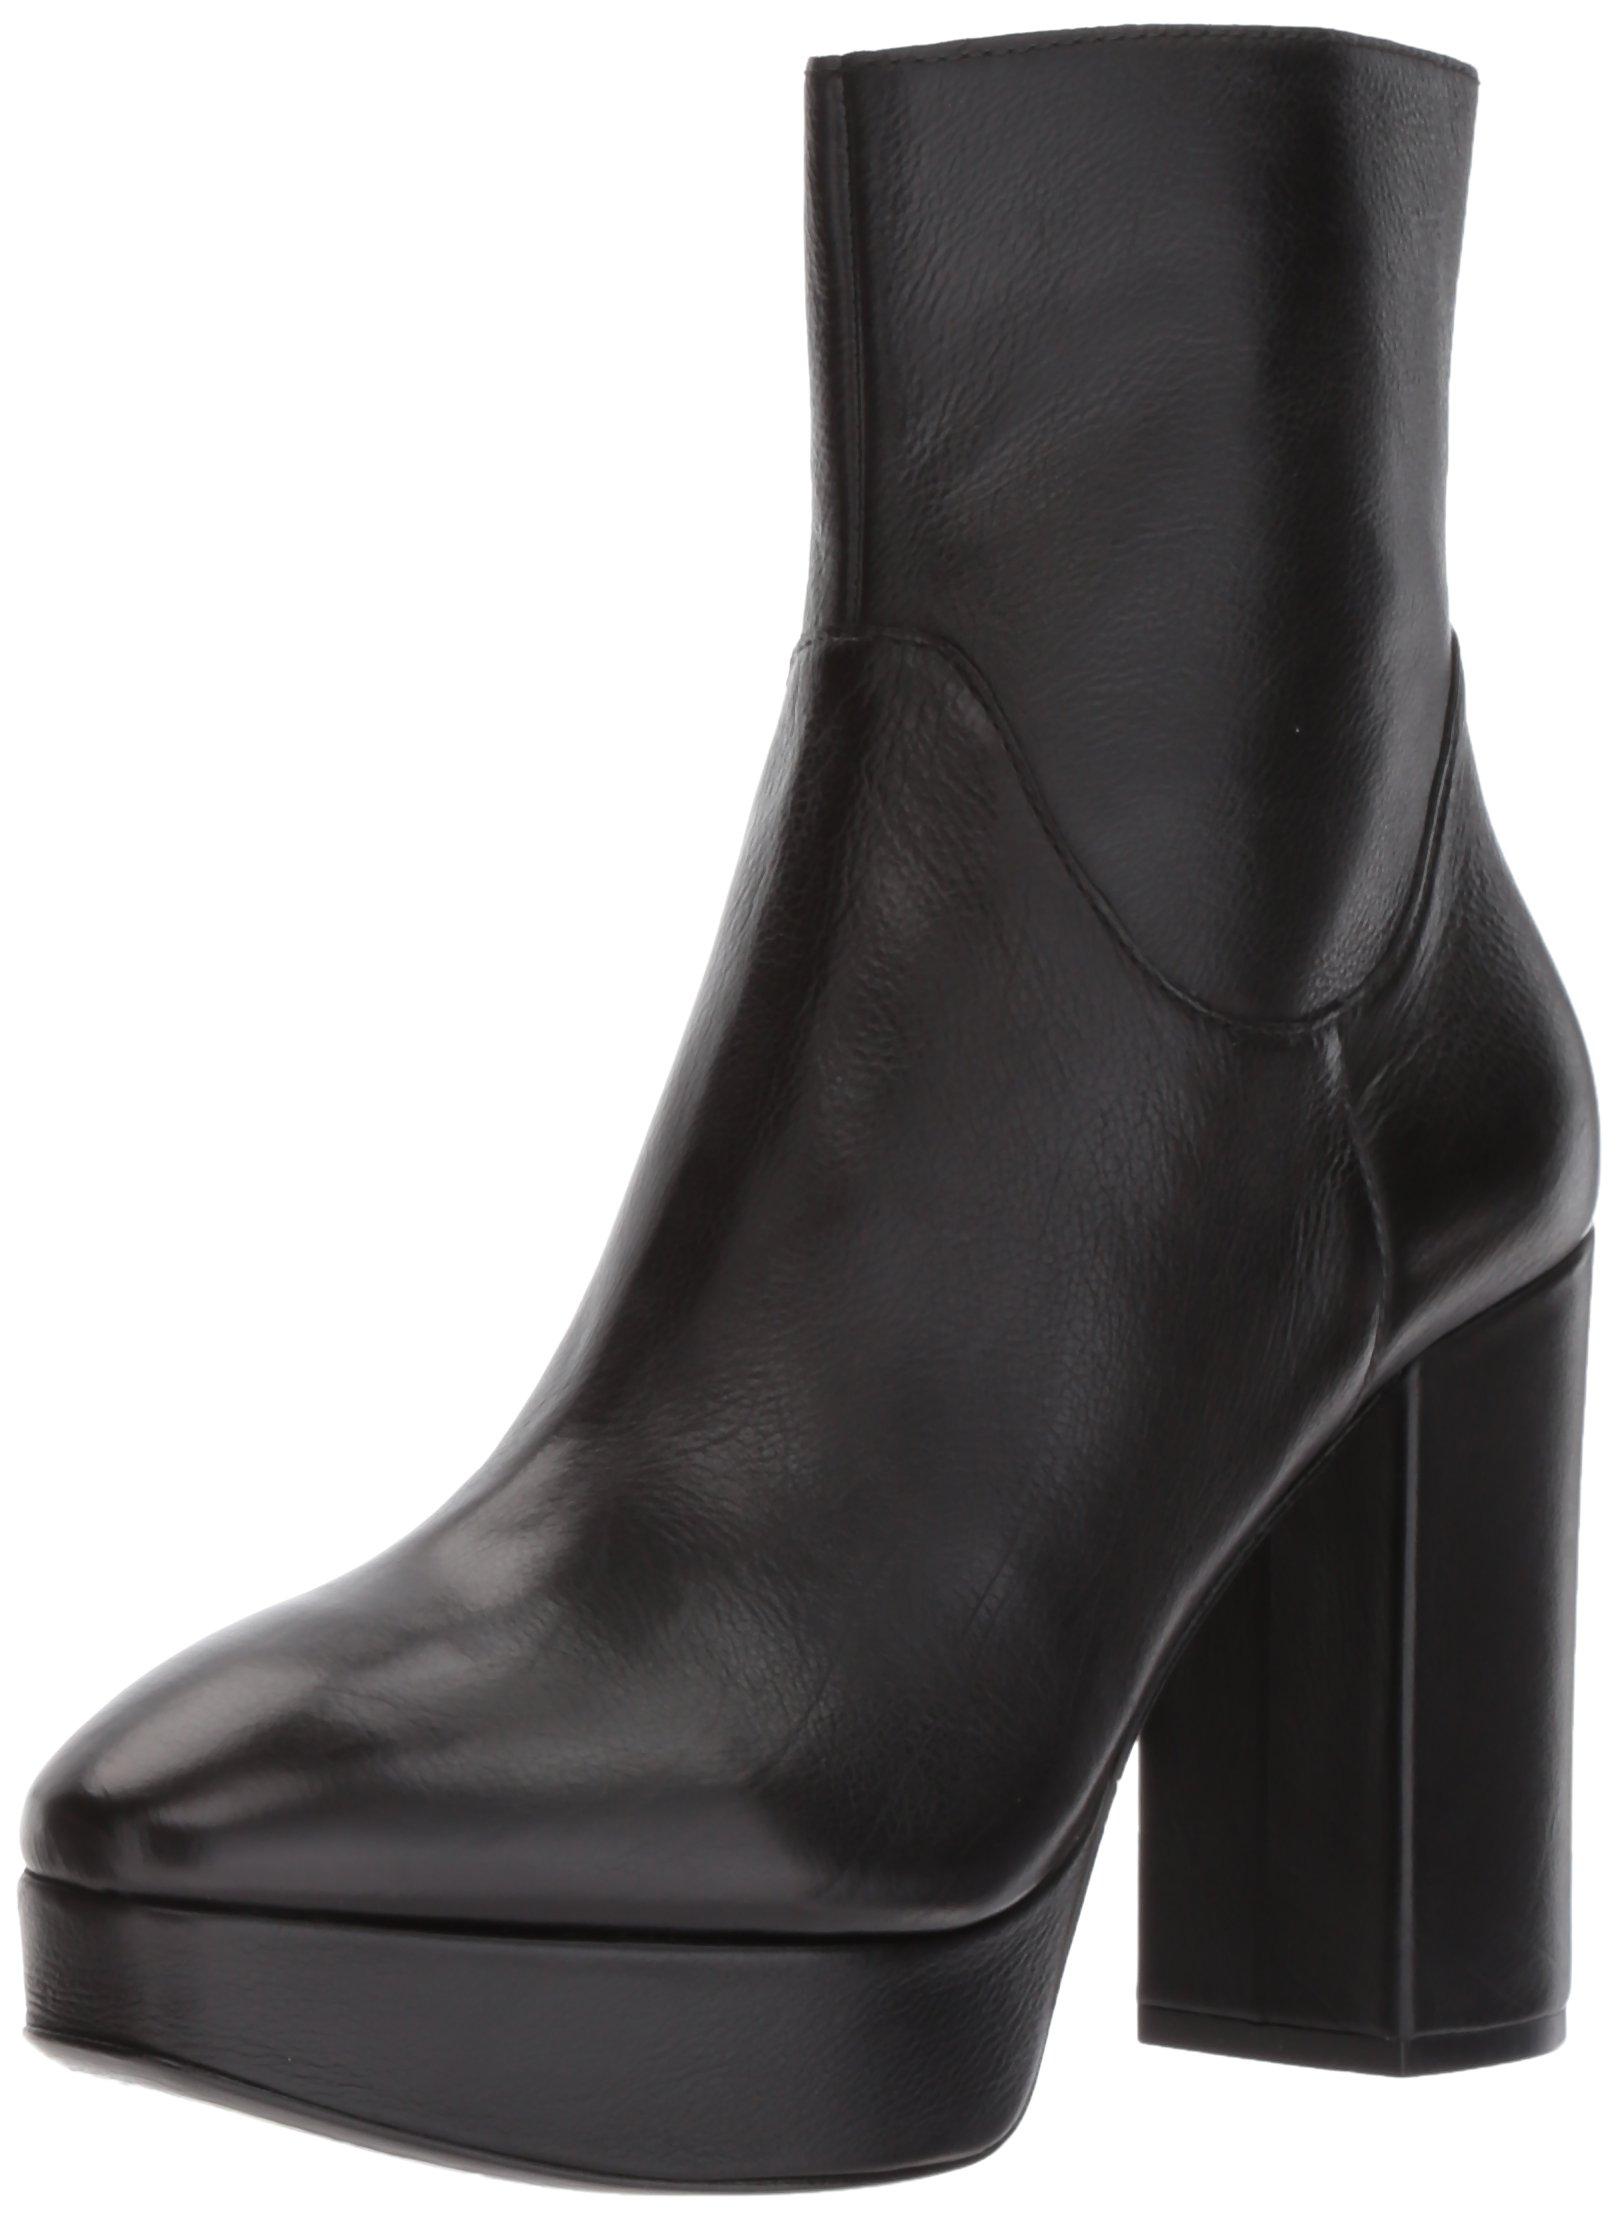 Ash Women's Amazon Fashion Boot, Black, 38 M EU (8 US)